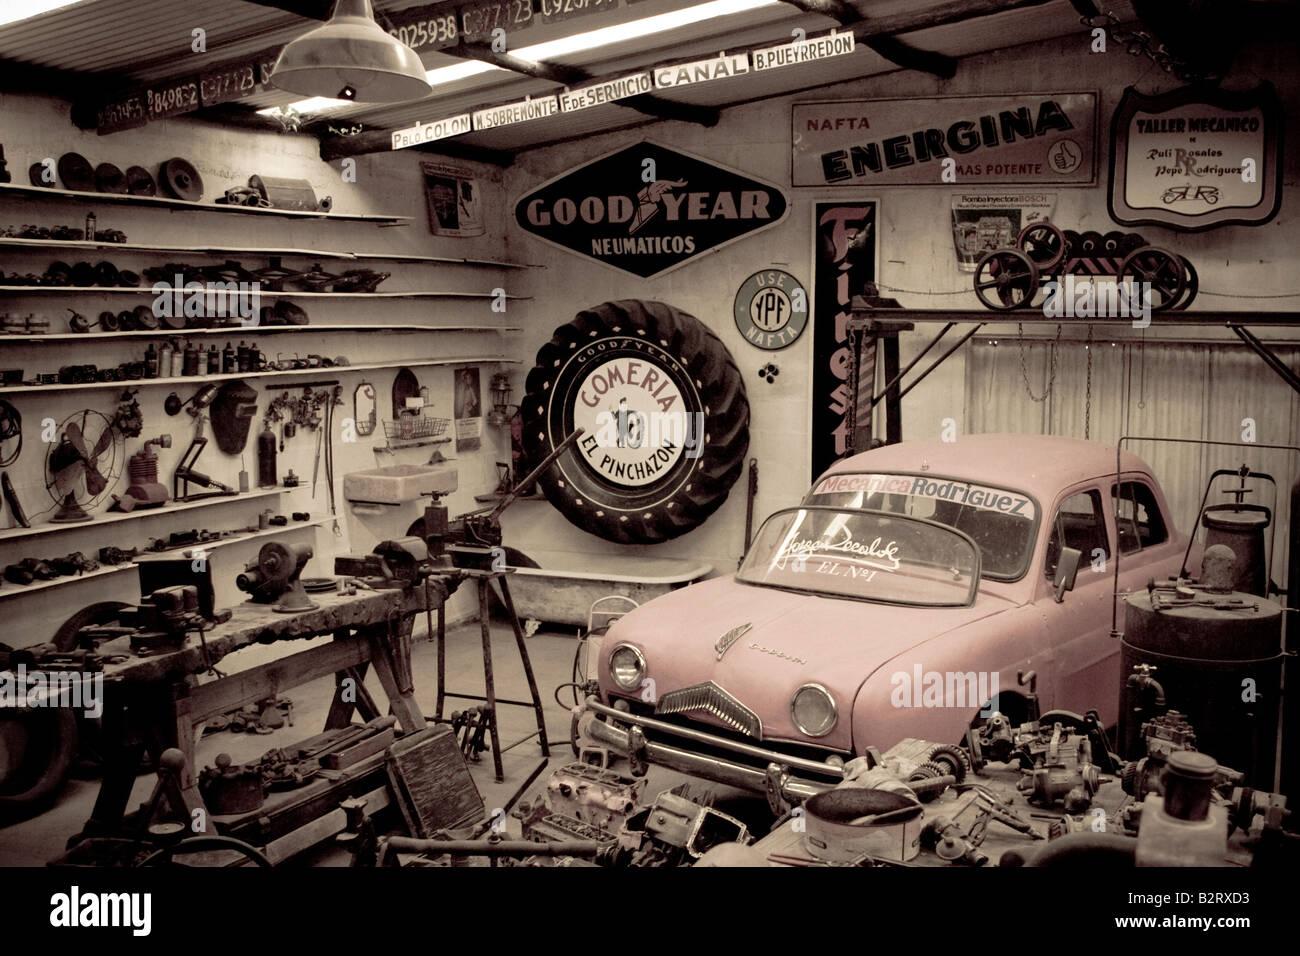 Antique Car Repair Stock Photos & Antique Car Repair Stock Images ...